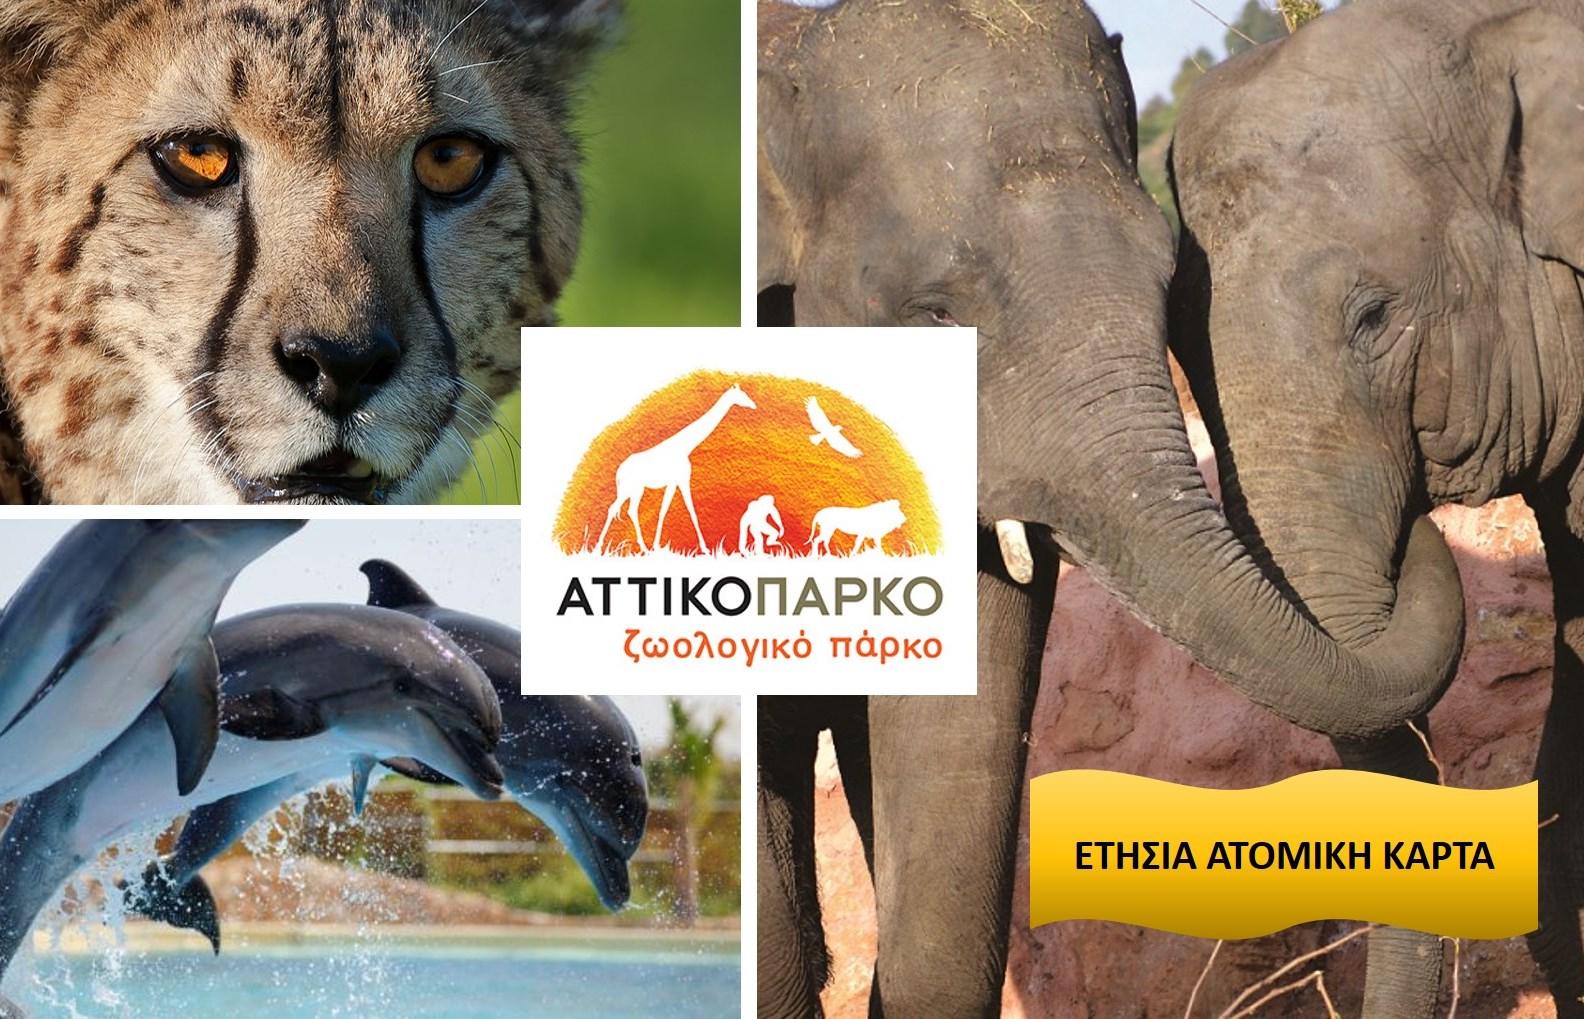 40€ από 49€ για Ετήσια Κάρτα Eνηλίκων (συμπεριλαμβάνεται η εκπαιδευτική παρουσίαση των δελφινιών), στο ''Αττικό Ζωολογικό Πάρκο'' στα Σπάτα εικόνα